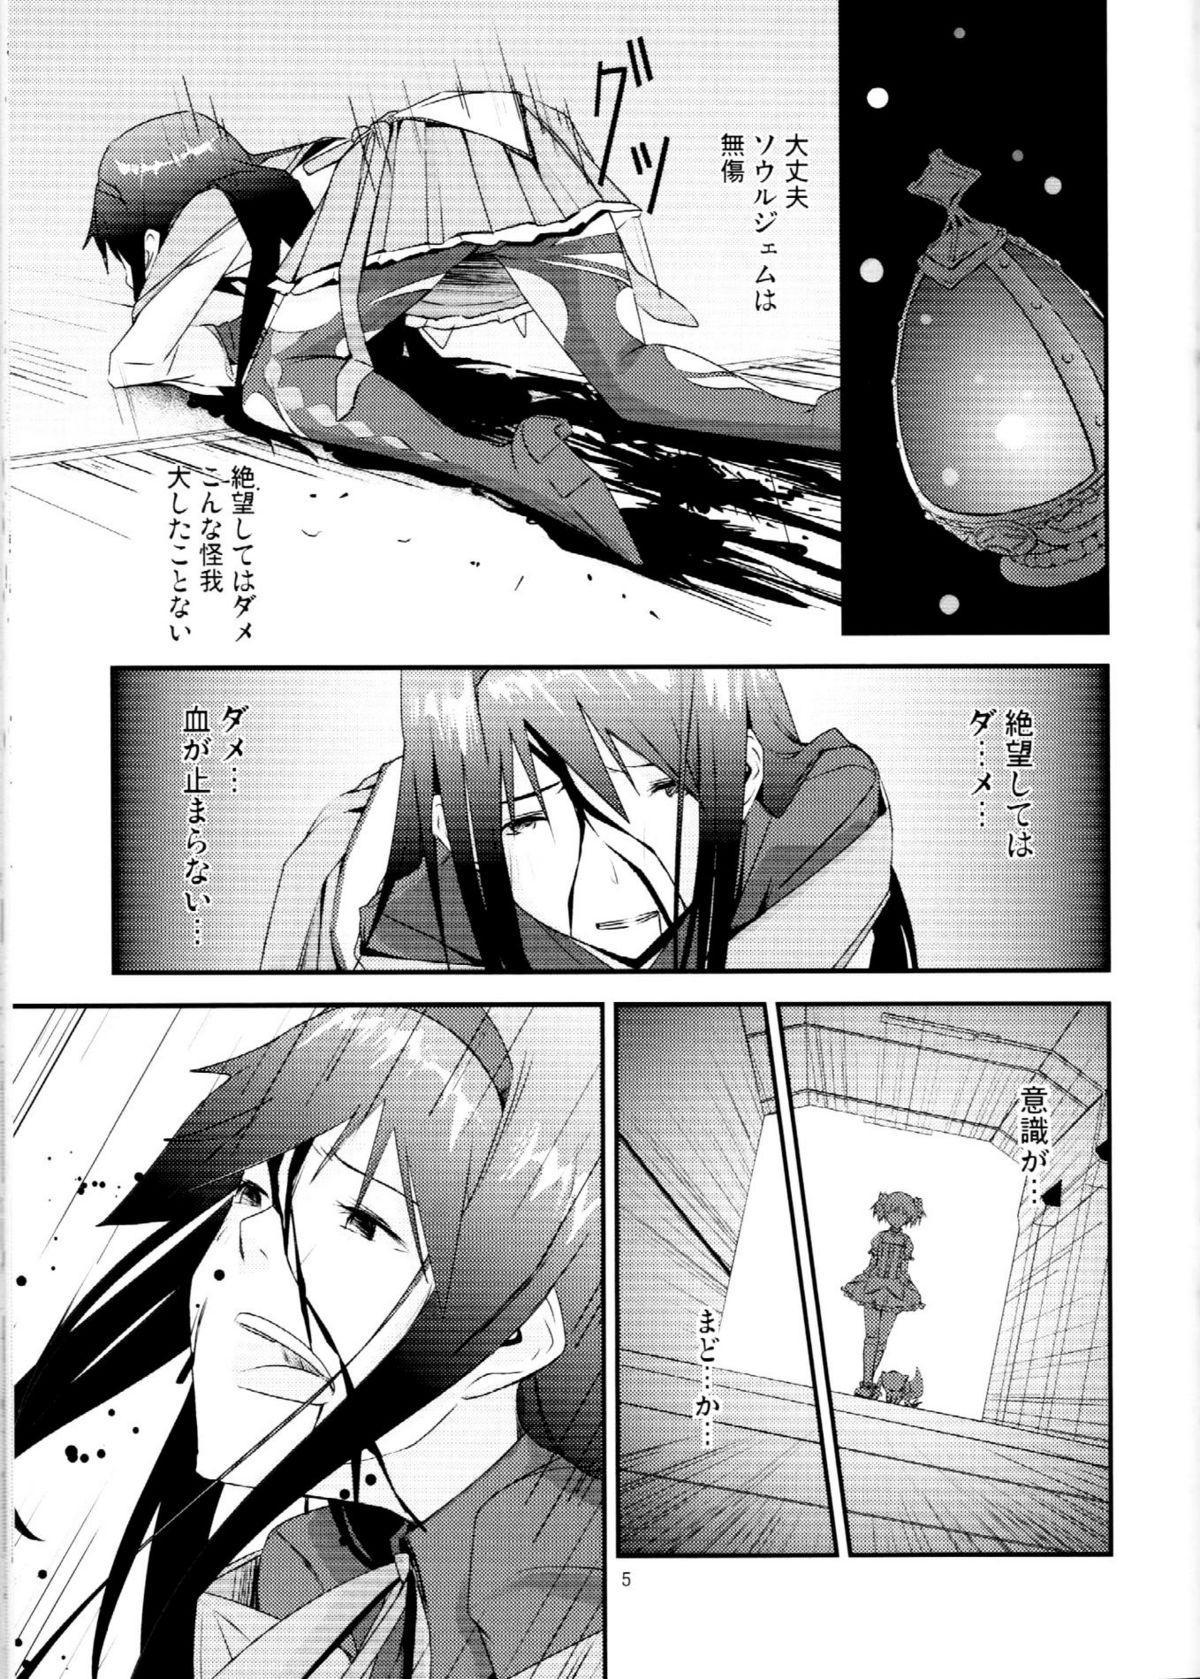 Kuroneko to Shoujo 3